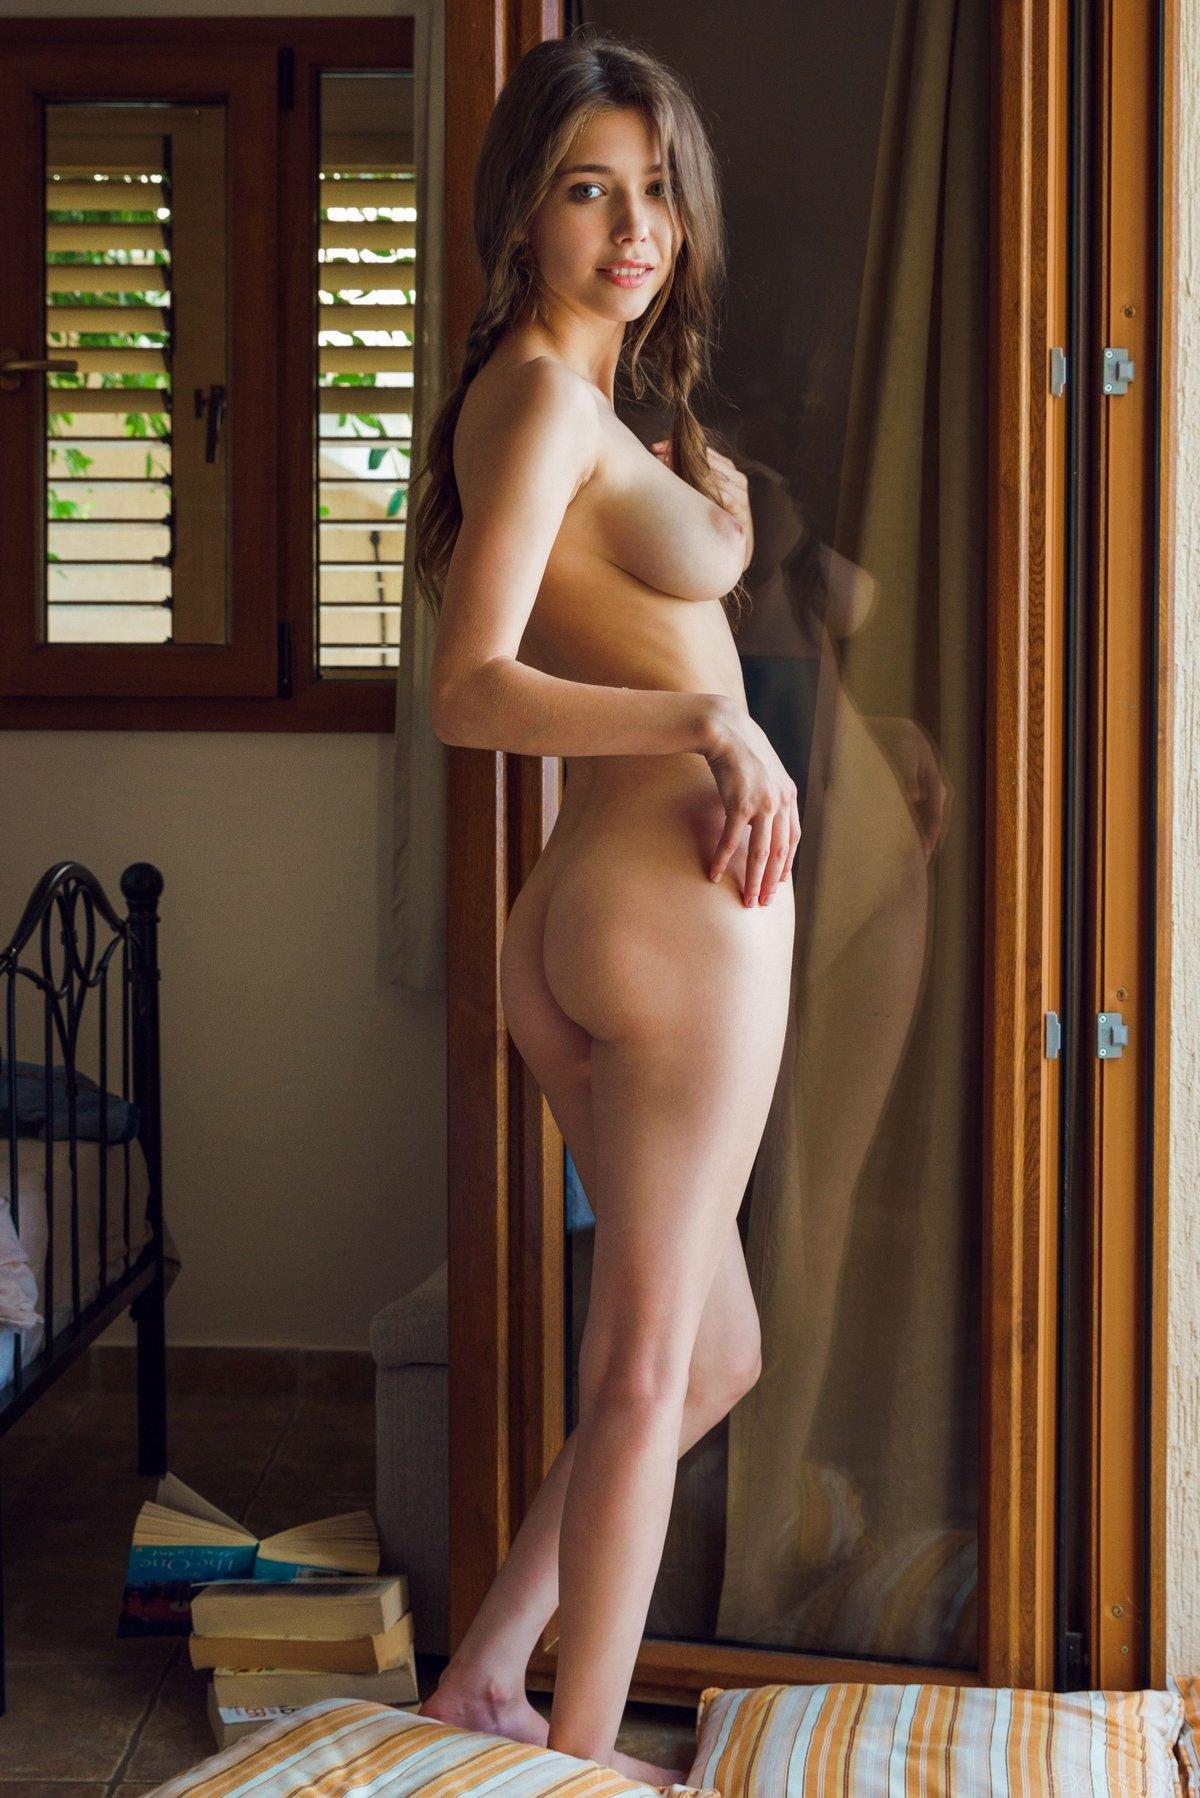 Игривая девка сняла яркое белье секс фото